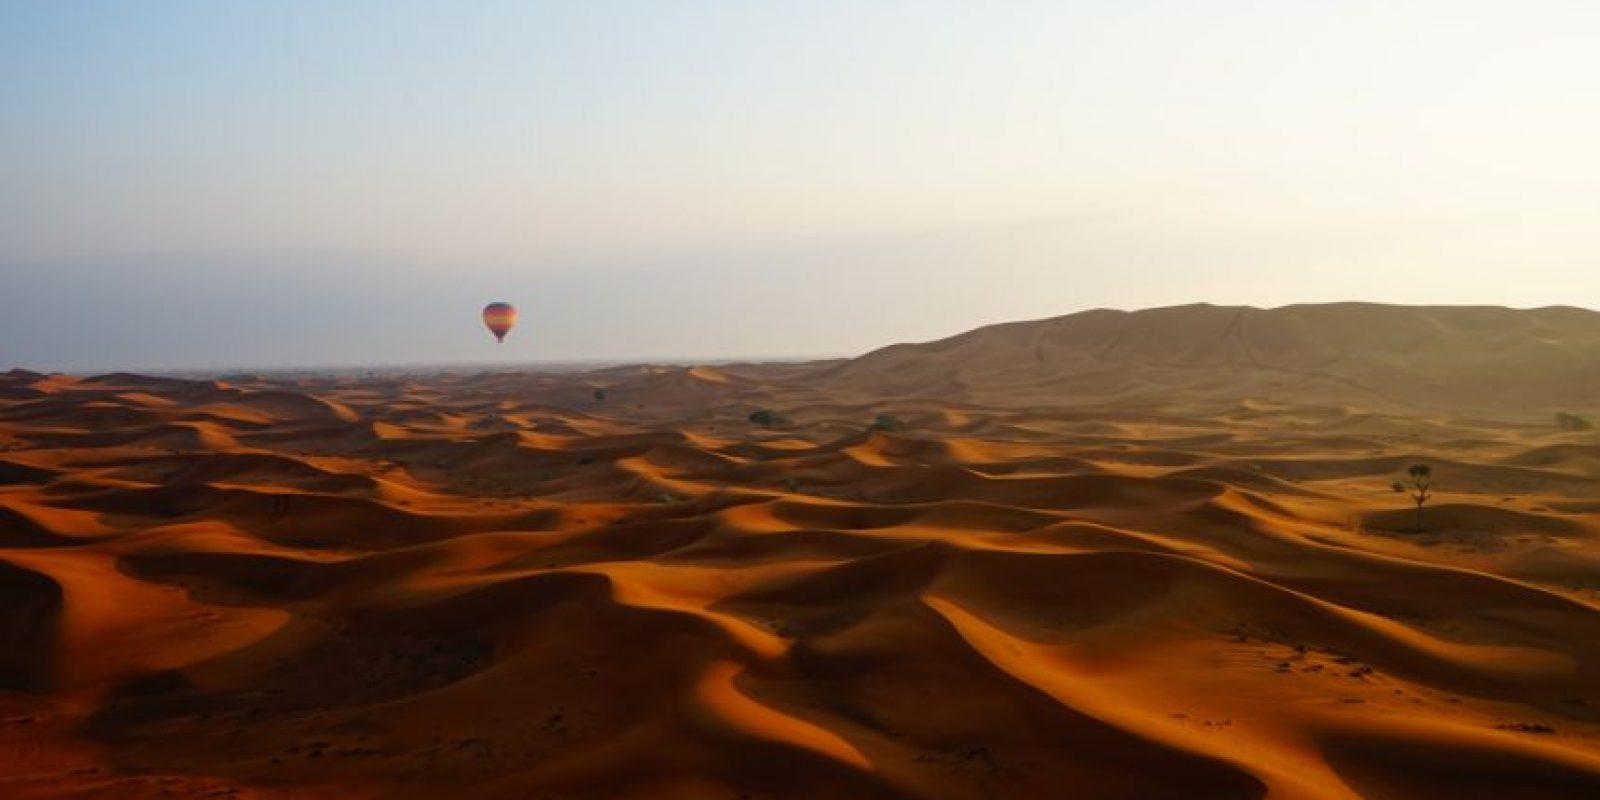 La captura, tomada alrededor de unos 30 minutos después de la salida del sol, muestra un globo aerostático en la distancia cuando comienza a descender sobre una granja de camellos. La imagen se hizo desde otro globo, sobre las dunas. Foto:Agencias